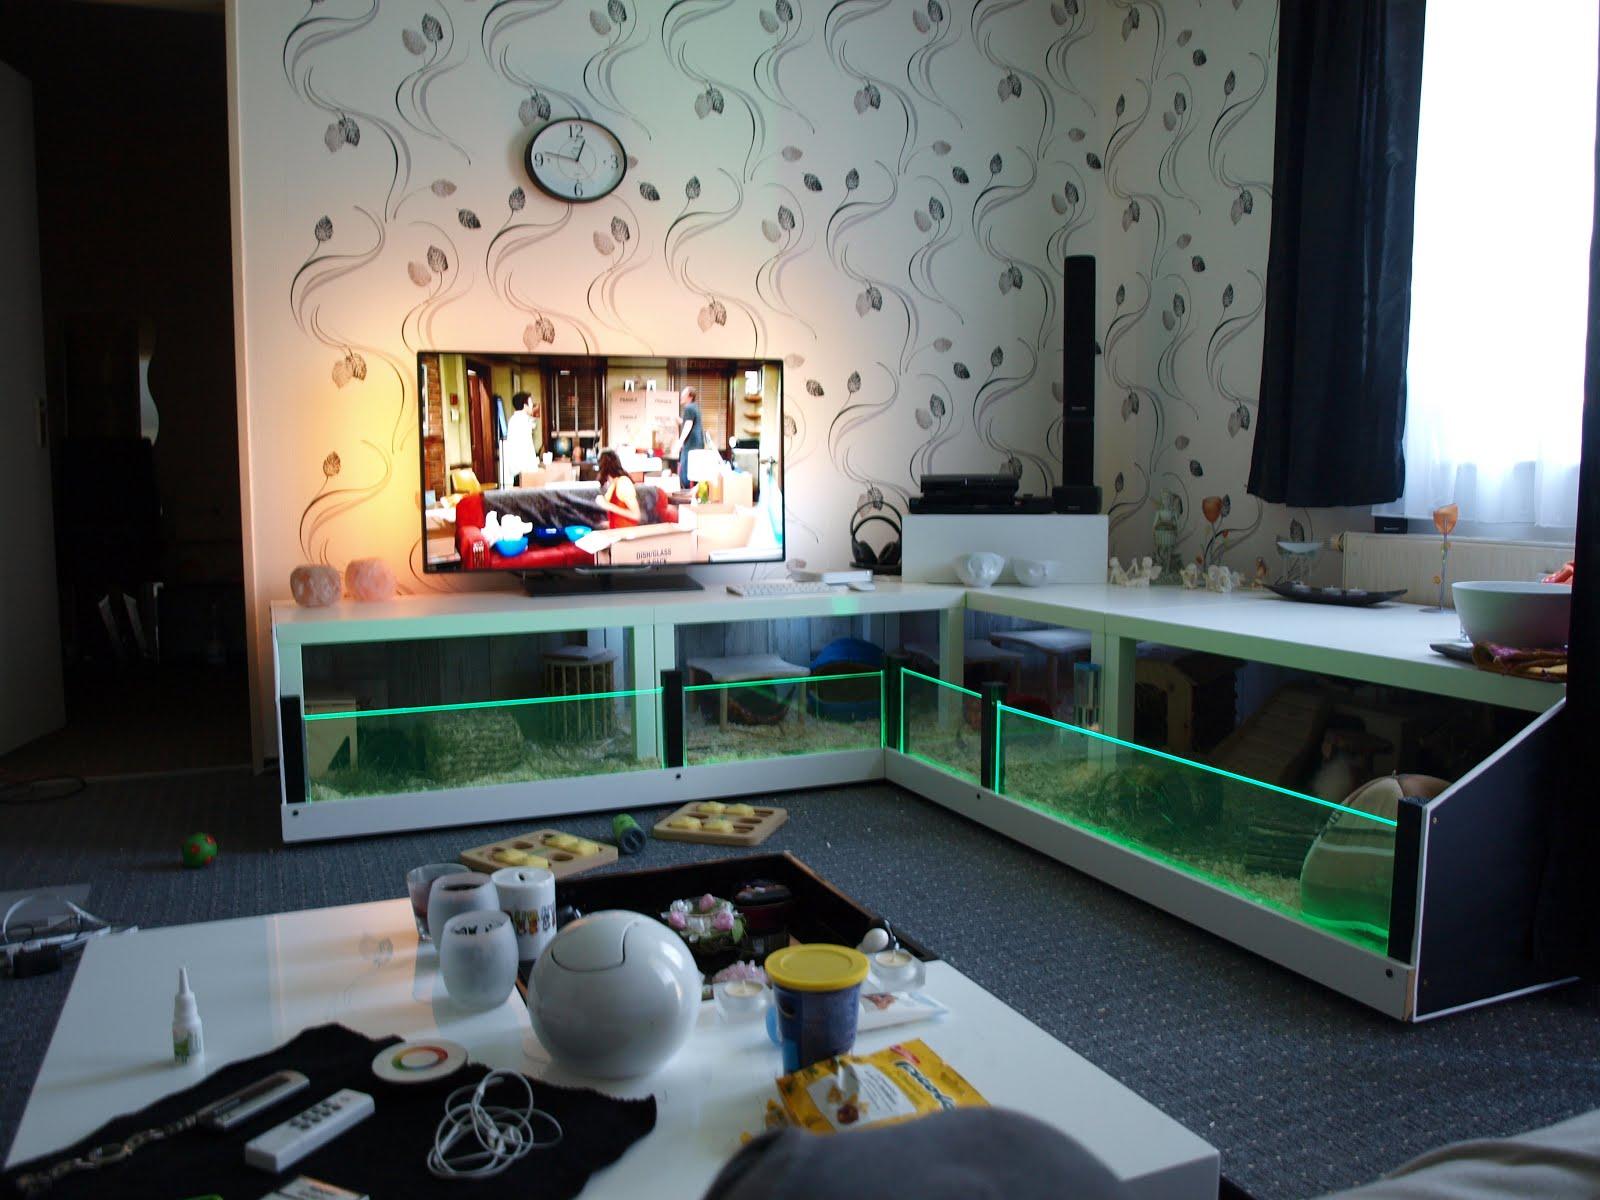 Accessori economici, ma con stile? Mobili IKEA modificati! - Pets Life